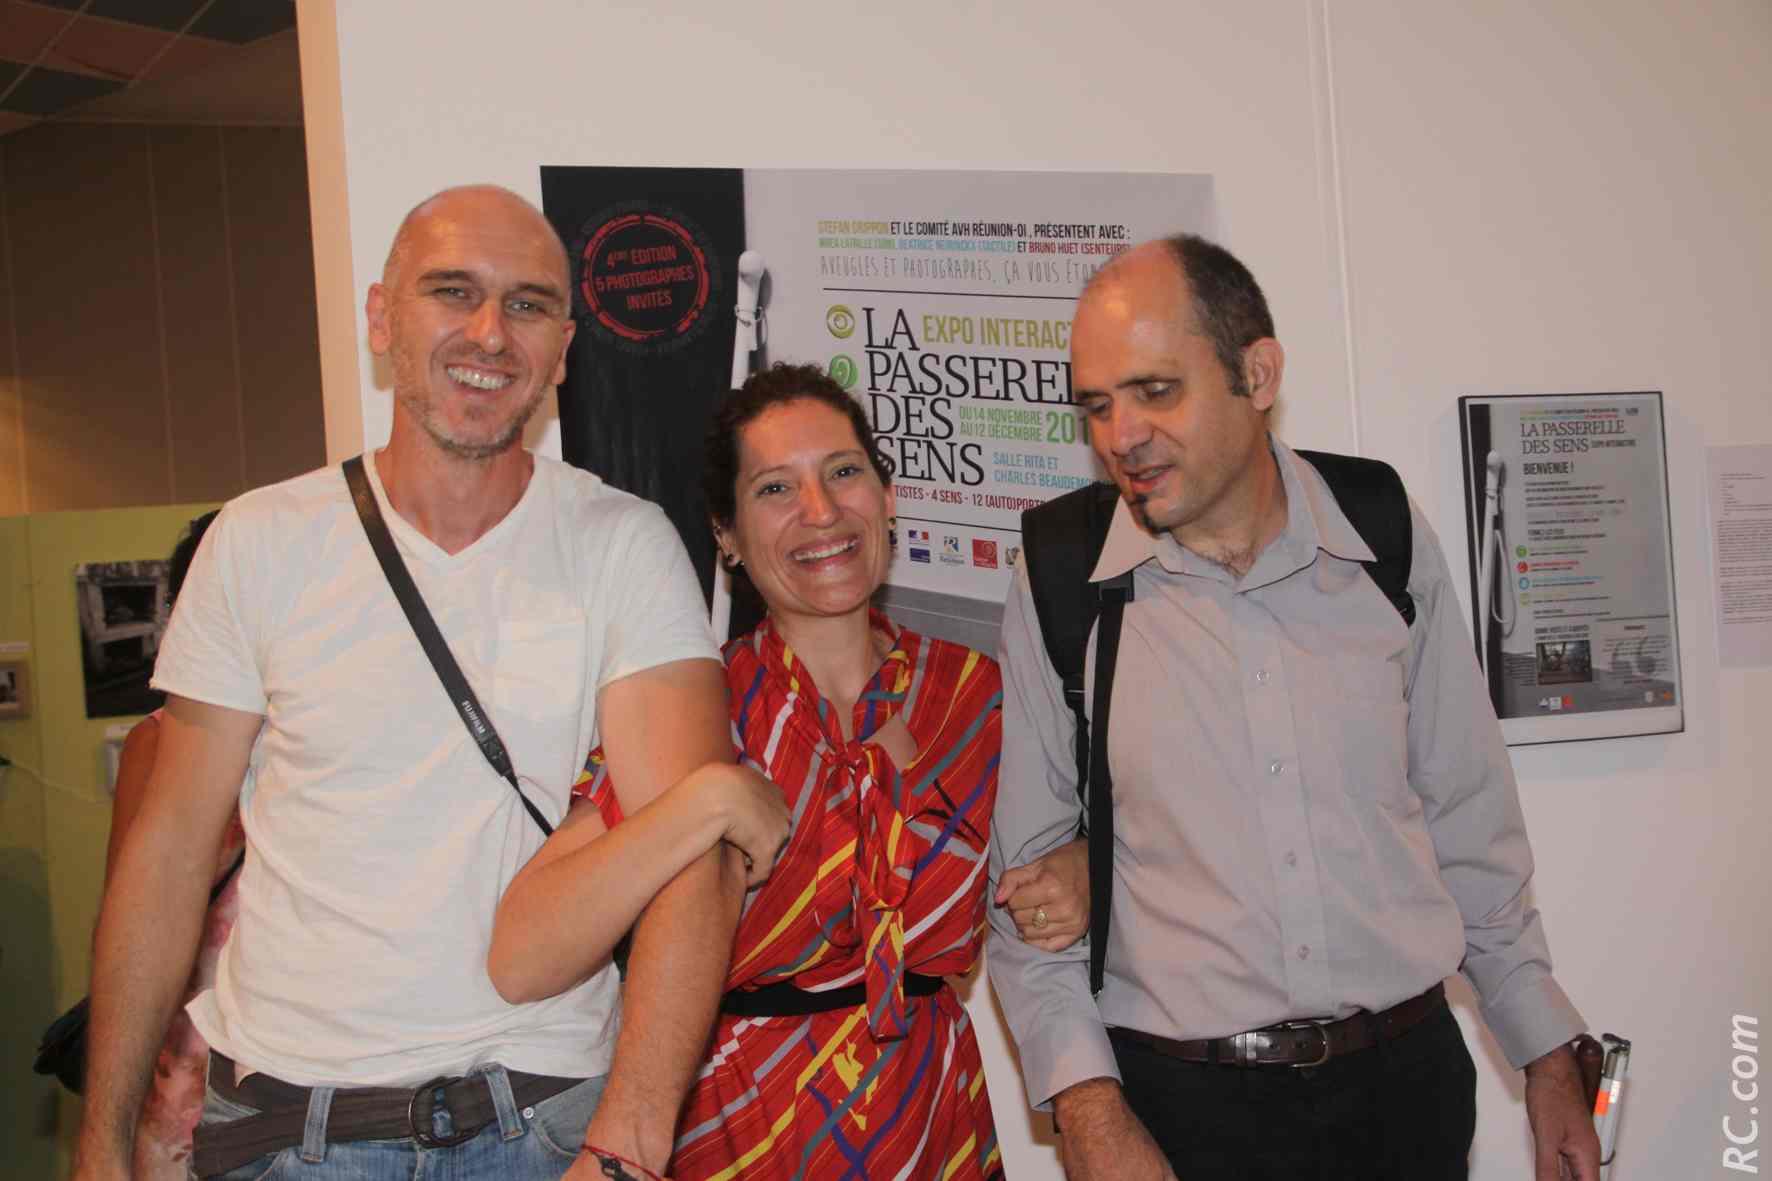 La Passerelle des Sens au Tampon:<br>Une expo différente...